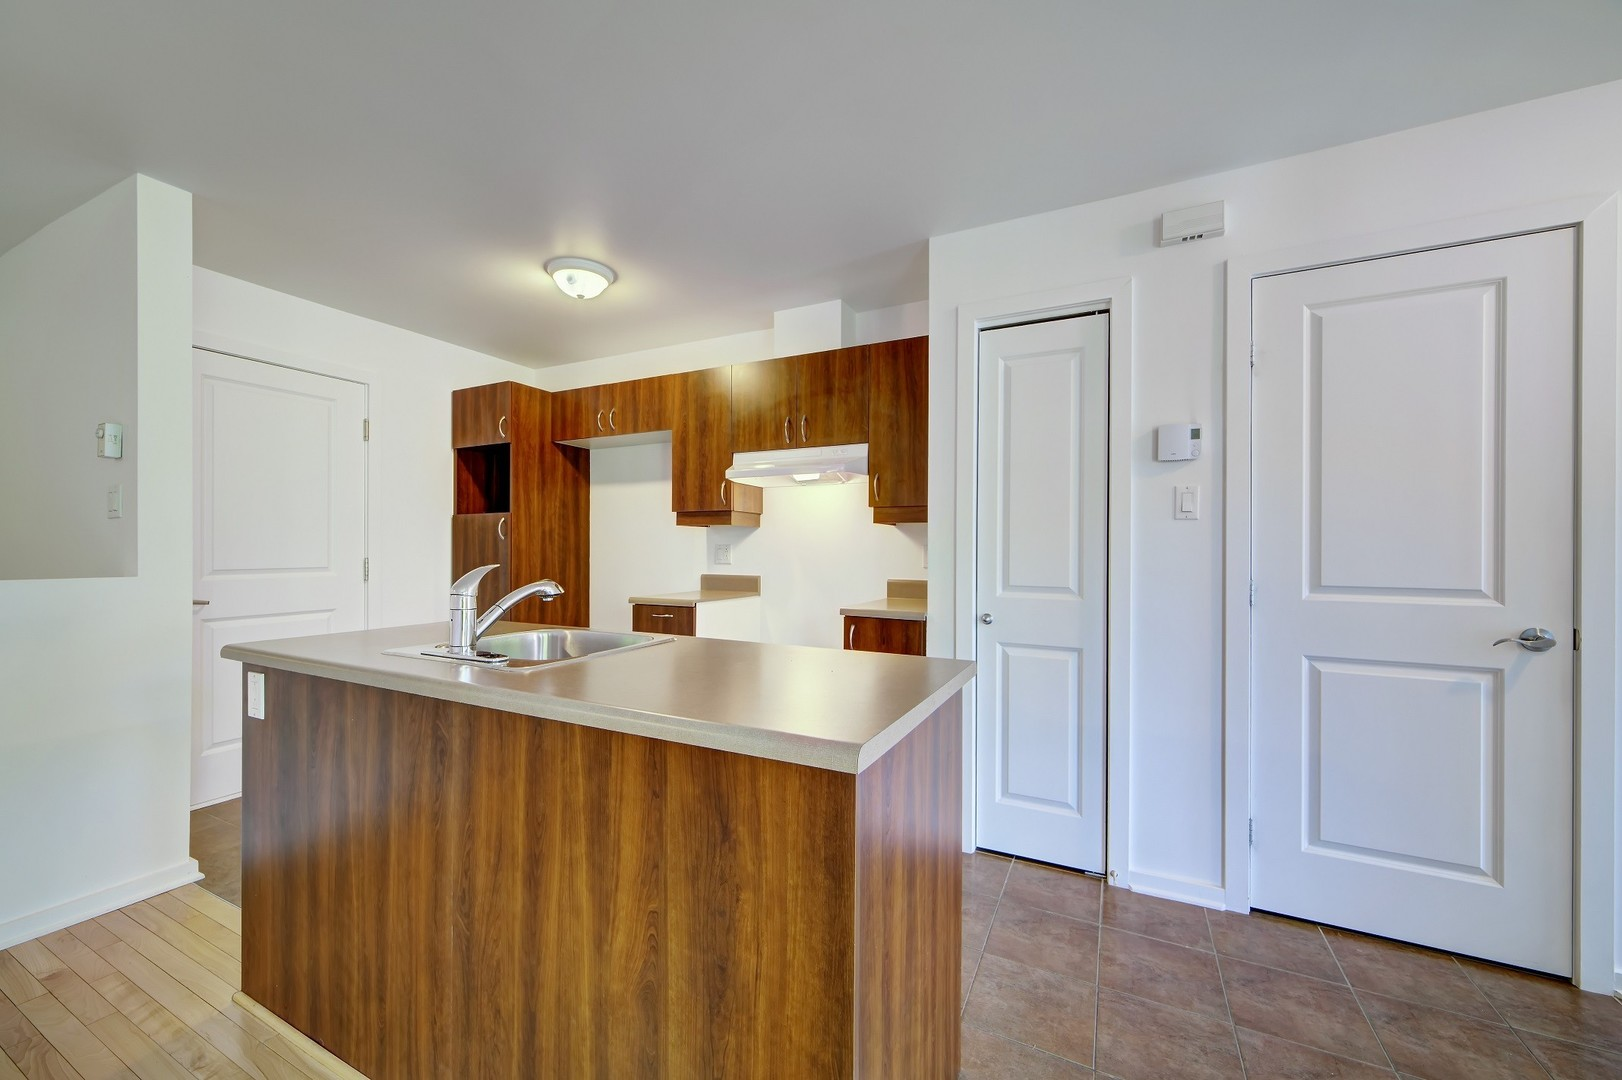 image 6 - Condo - For rent - Montréal  (Rivière-des-Prairies) - 4 rooms